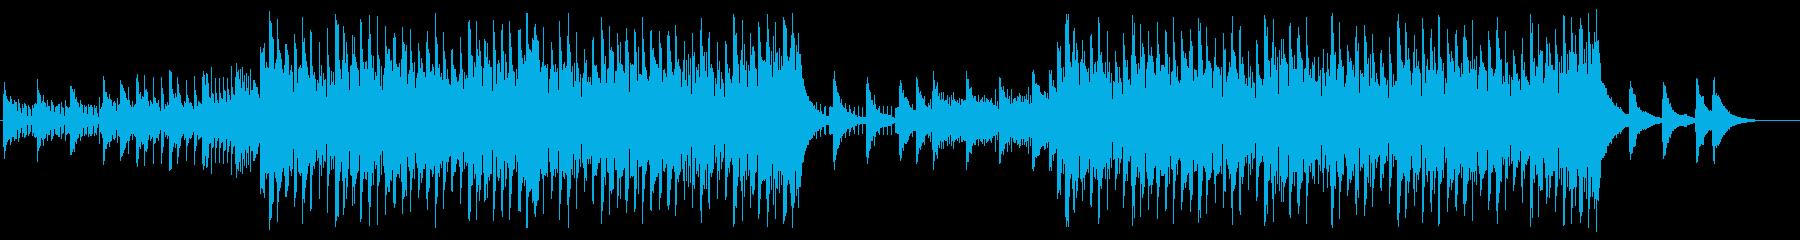 軽快でクールなEDM4の再生済みの波形